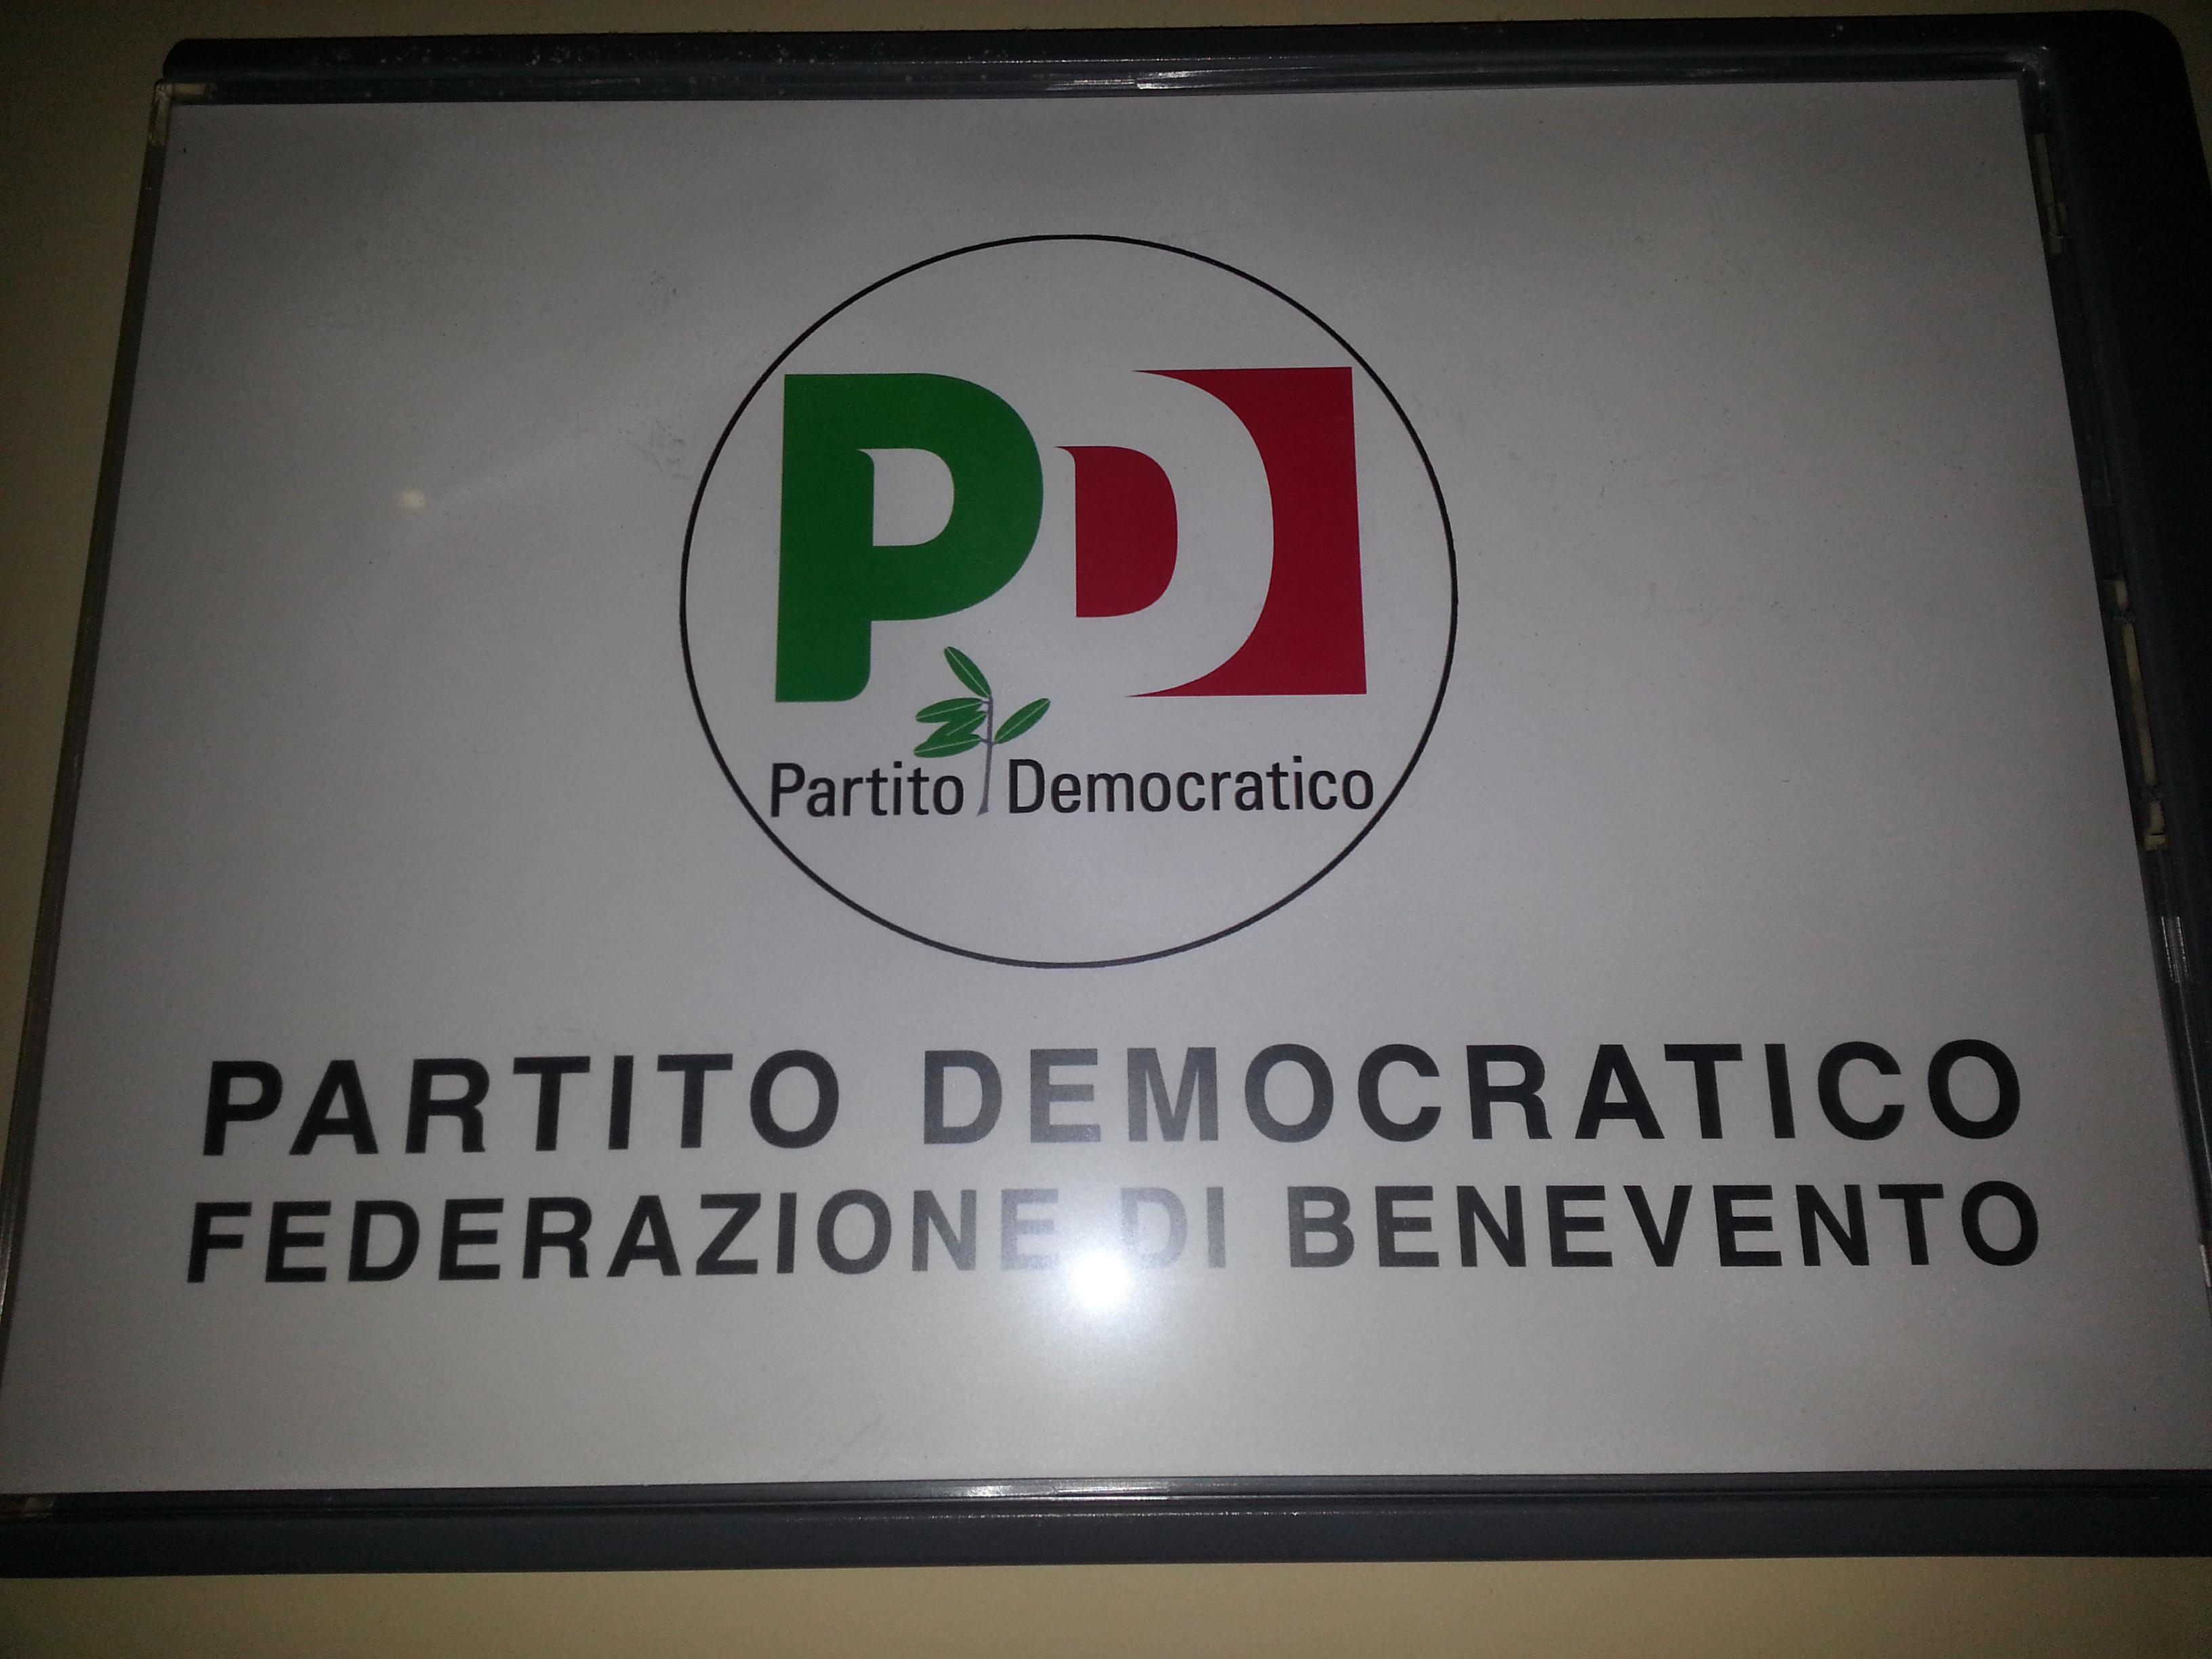 Crisi Sant'agata, Federazione Pd: Piccoli non è tesserata del partito